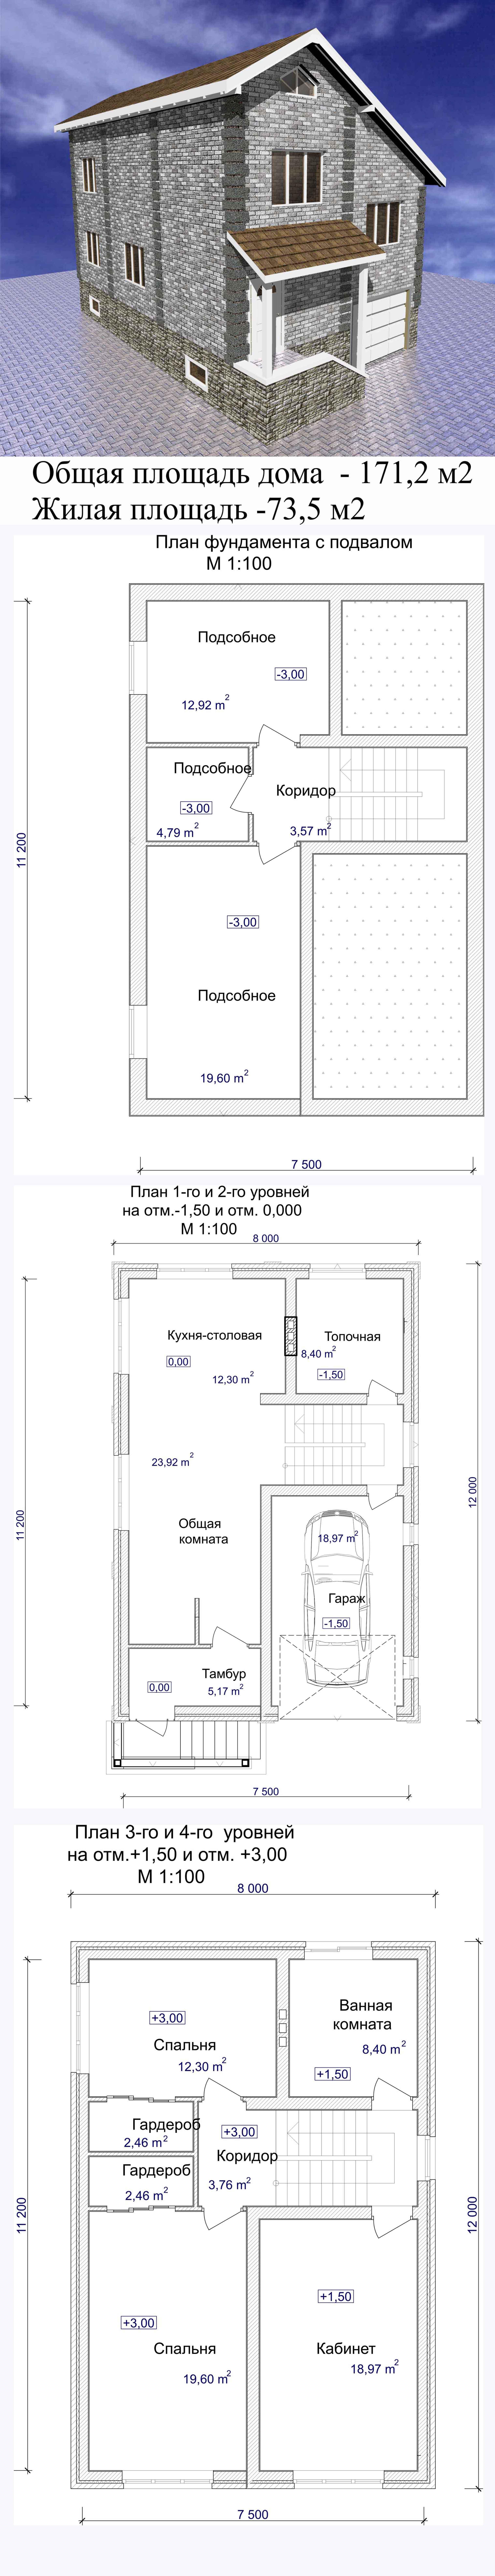 Проект узкого двухэтажного дома